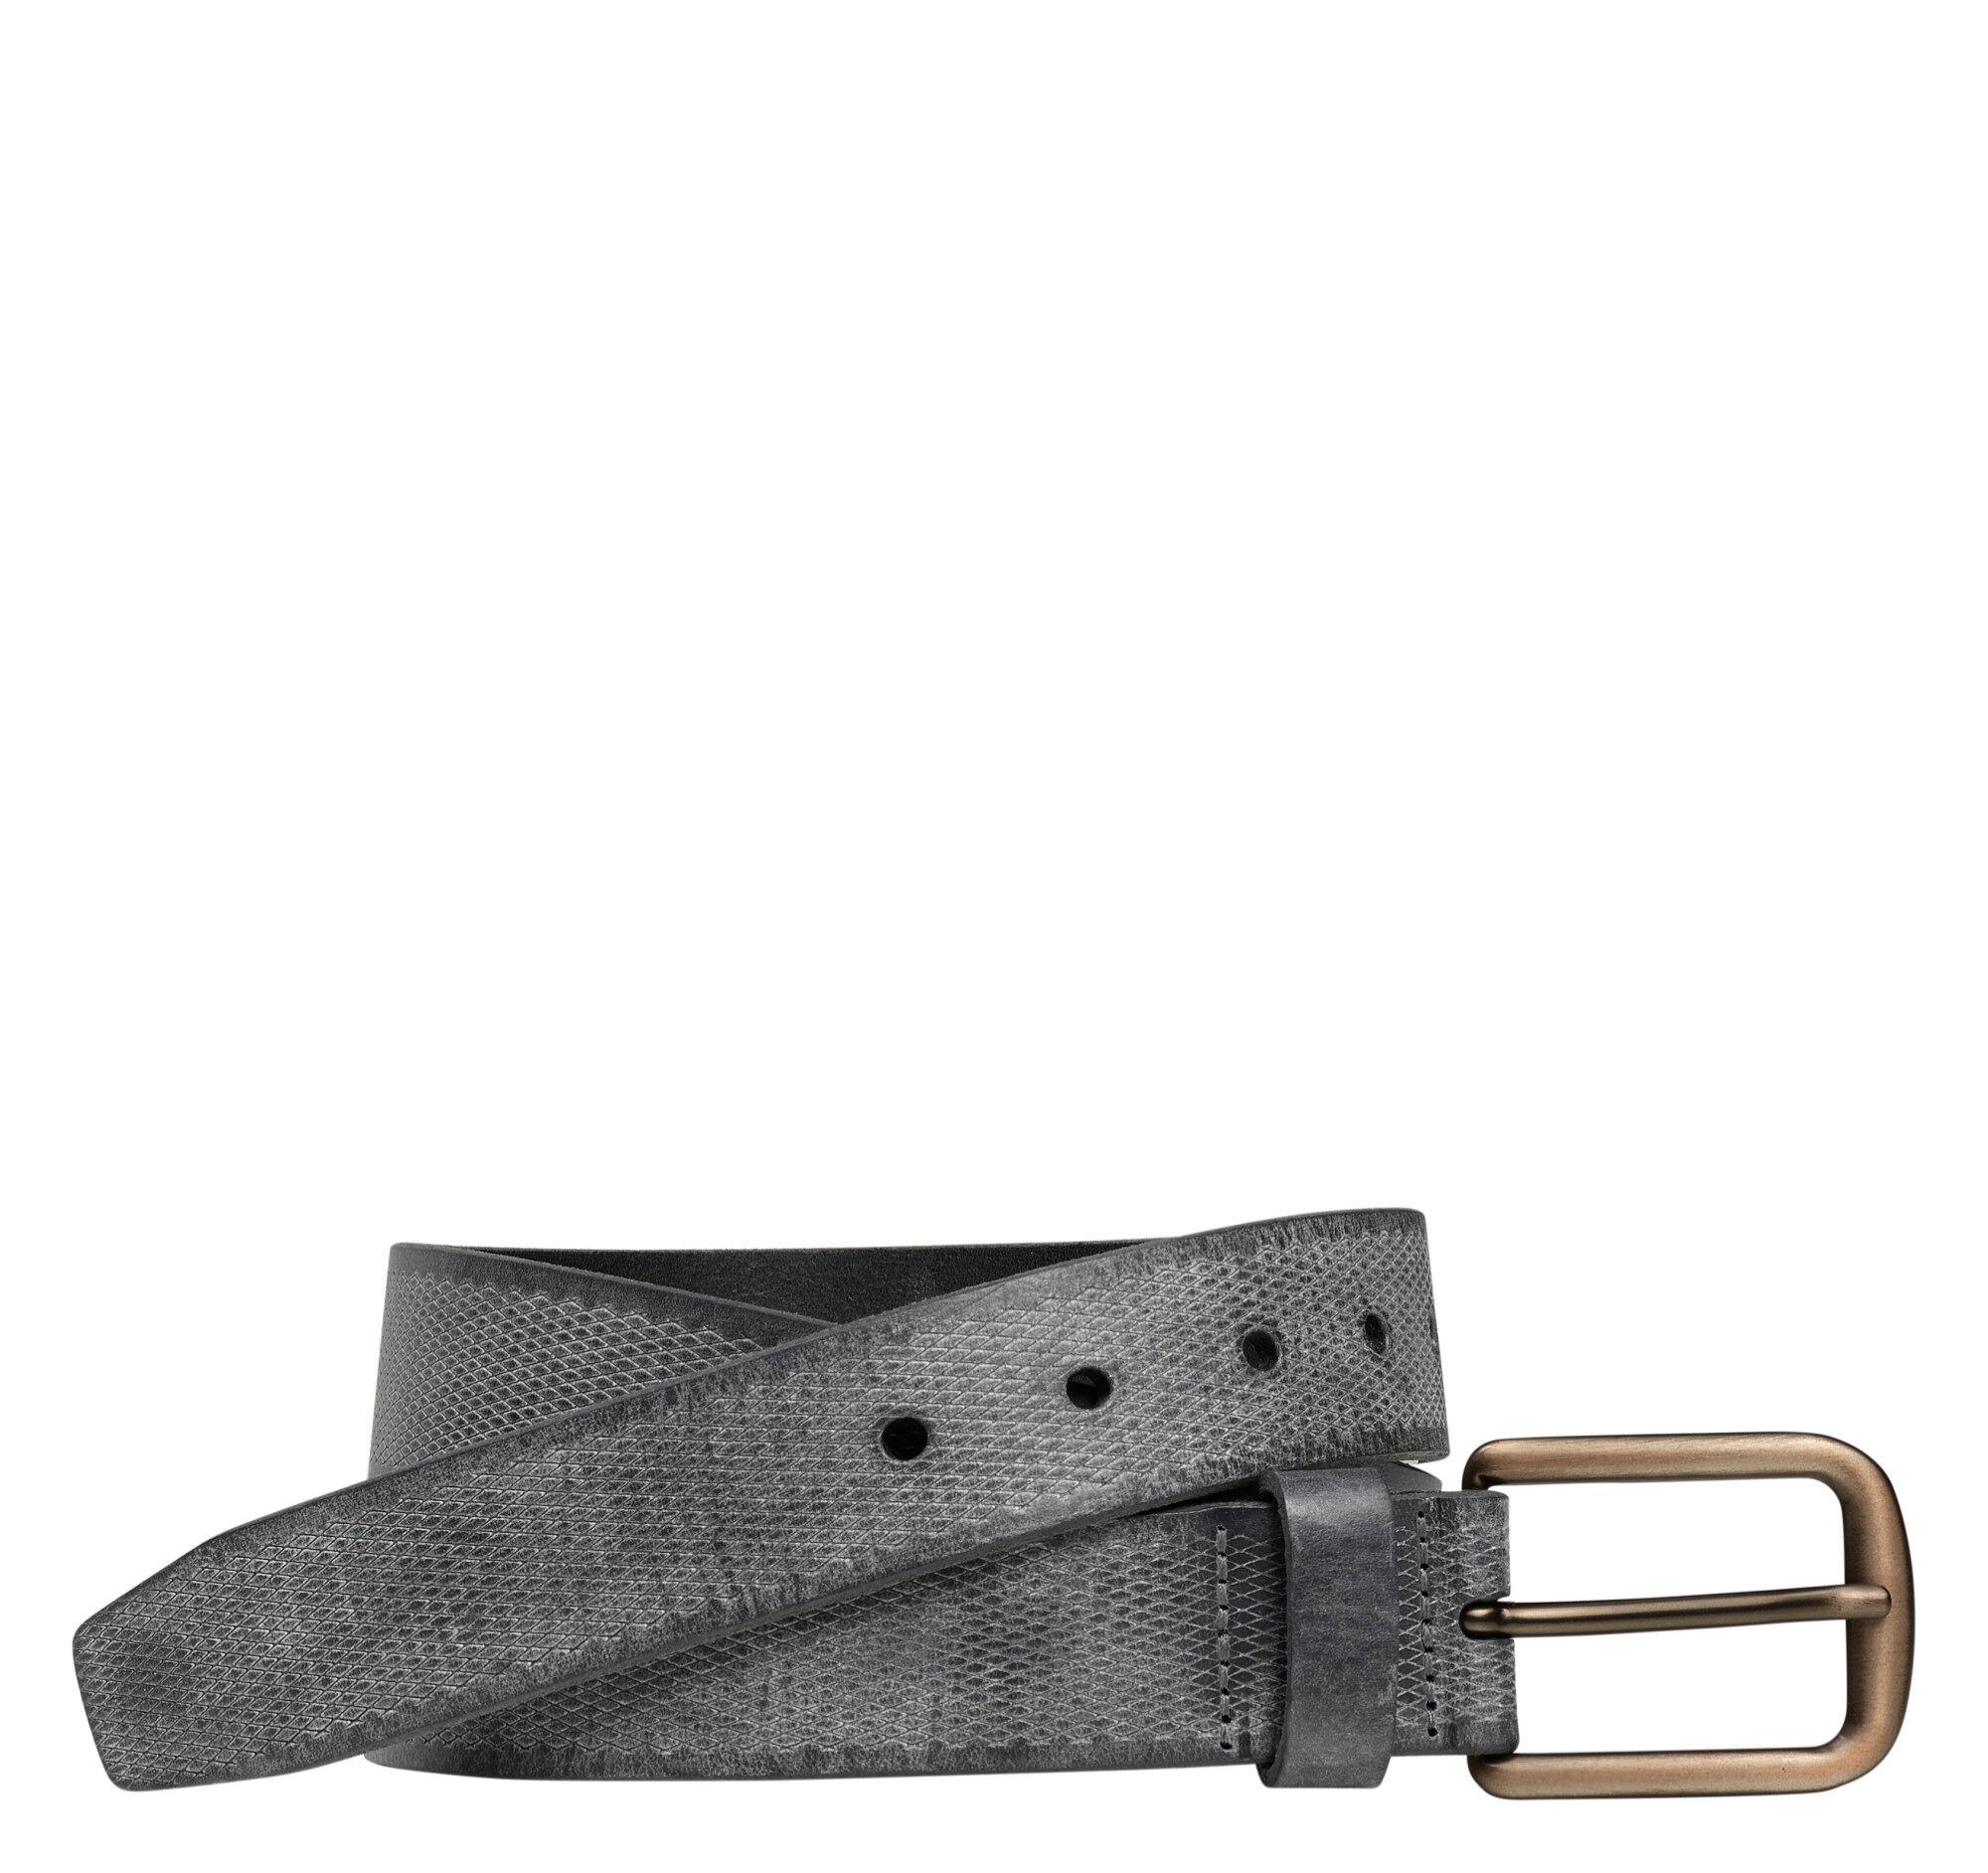 Johnston & Murphy Men's Diamond-Fleck Embossed Belt - Gray - Size 36